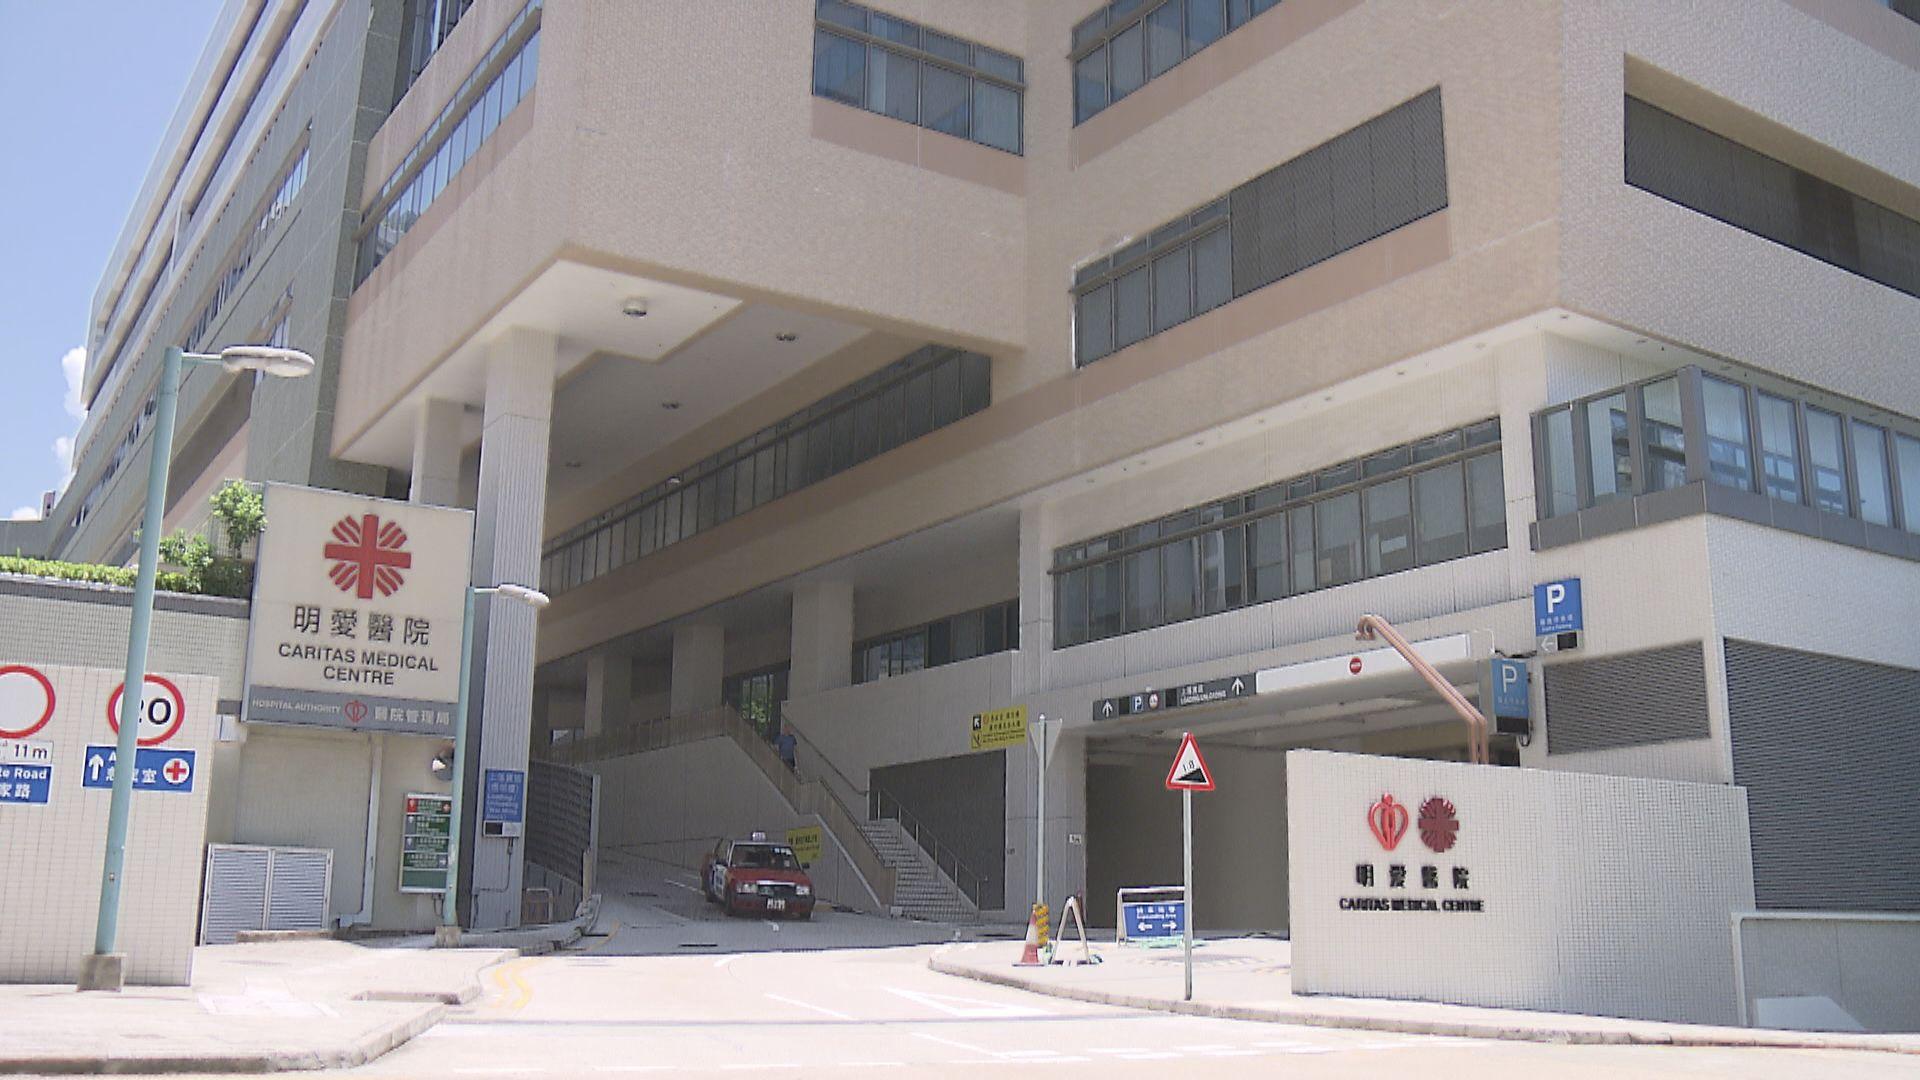 明愛醫院有醫生及病人確診 醫管局認為沒有院內傳播